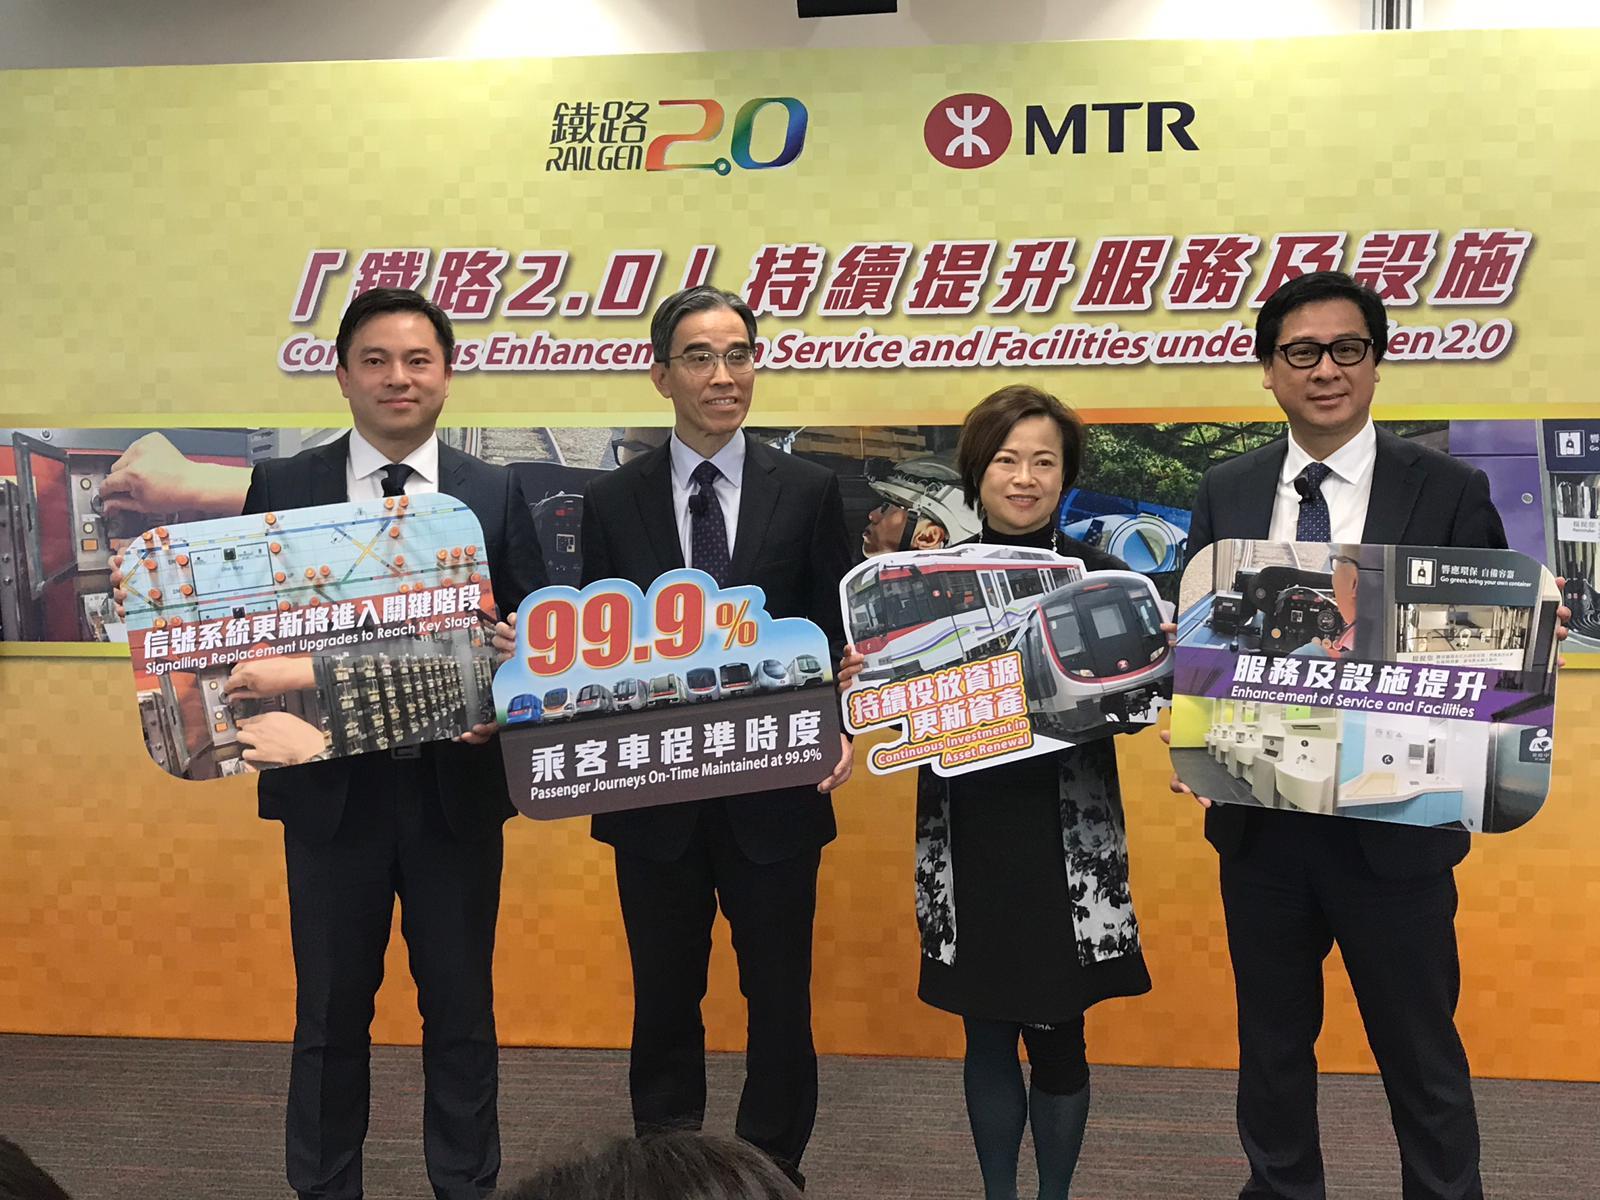 港鐵總結去年列車服務表現,指車程準時度達99.9%。